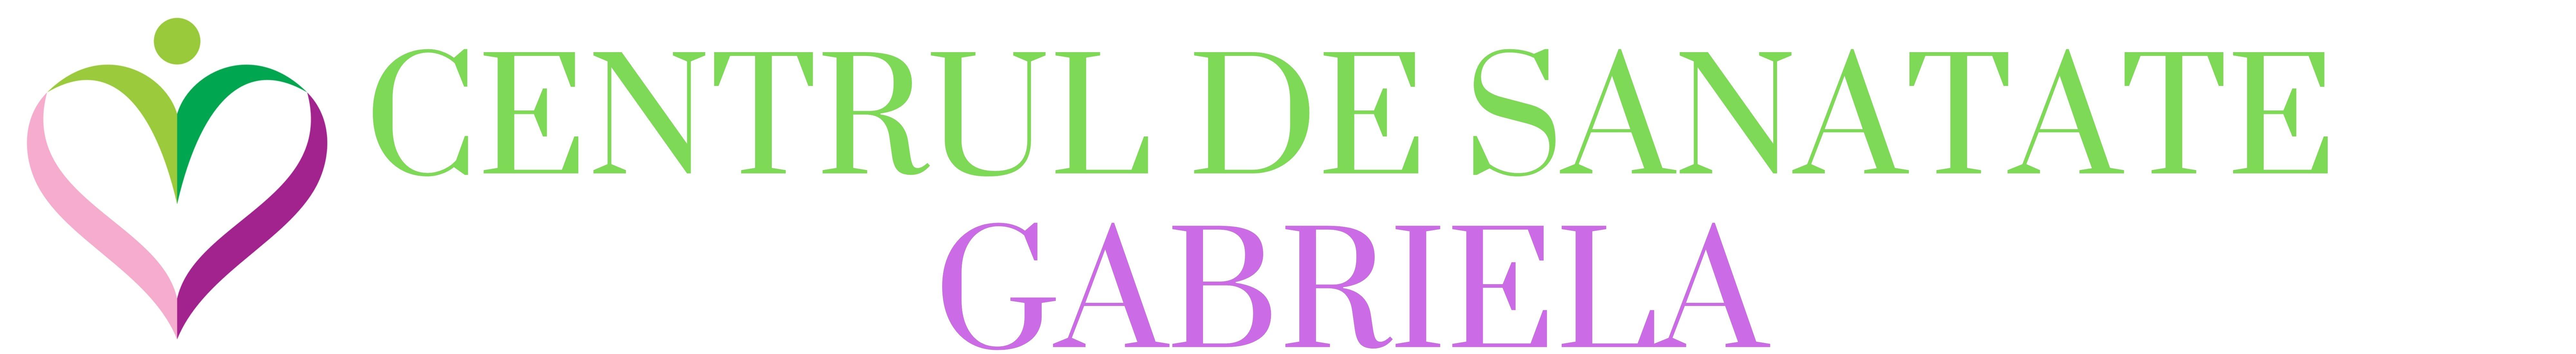 Centrul de Sanatate Gabriela